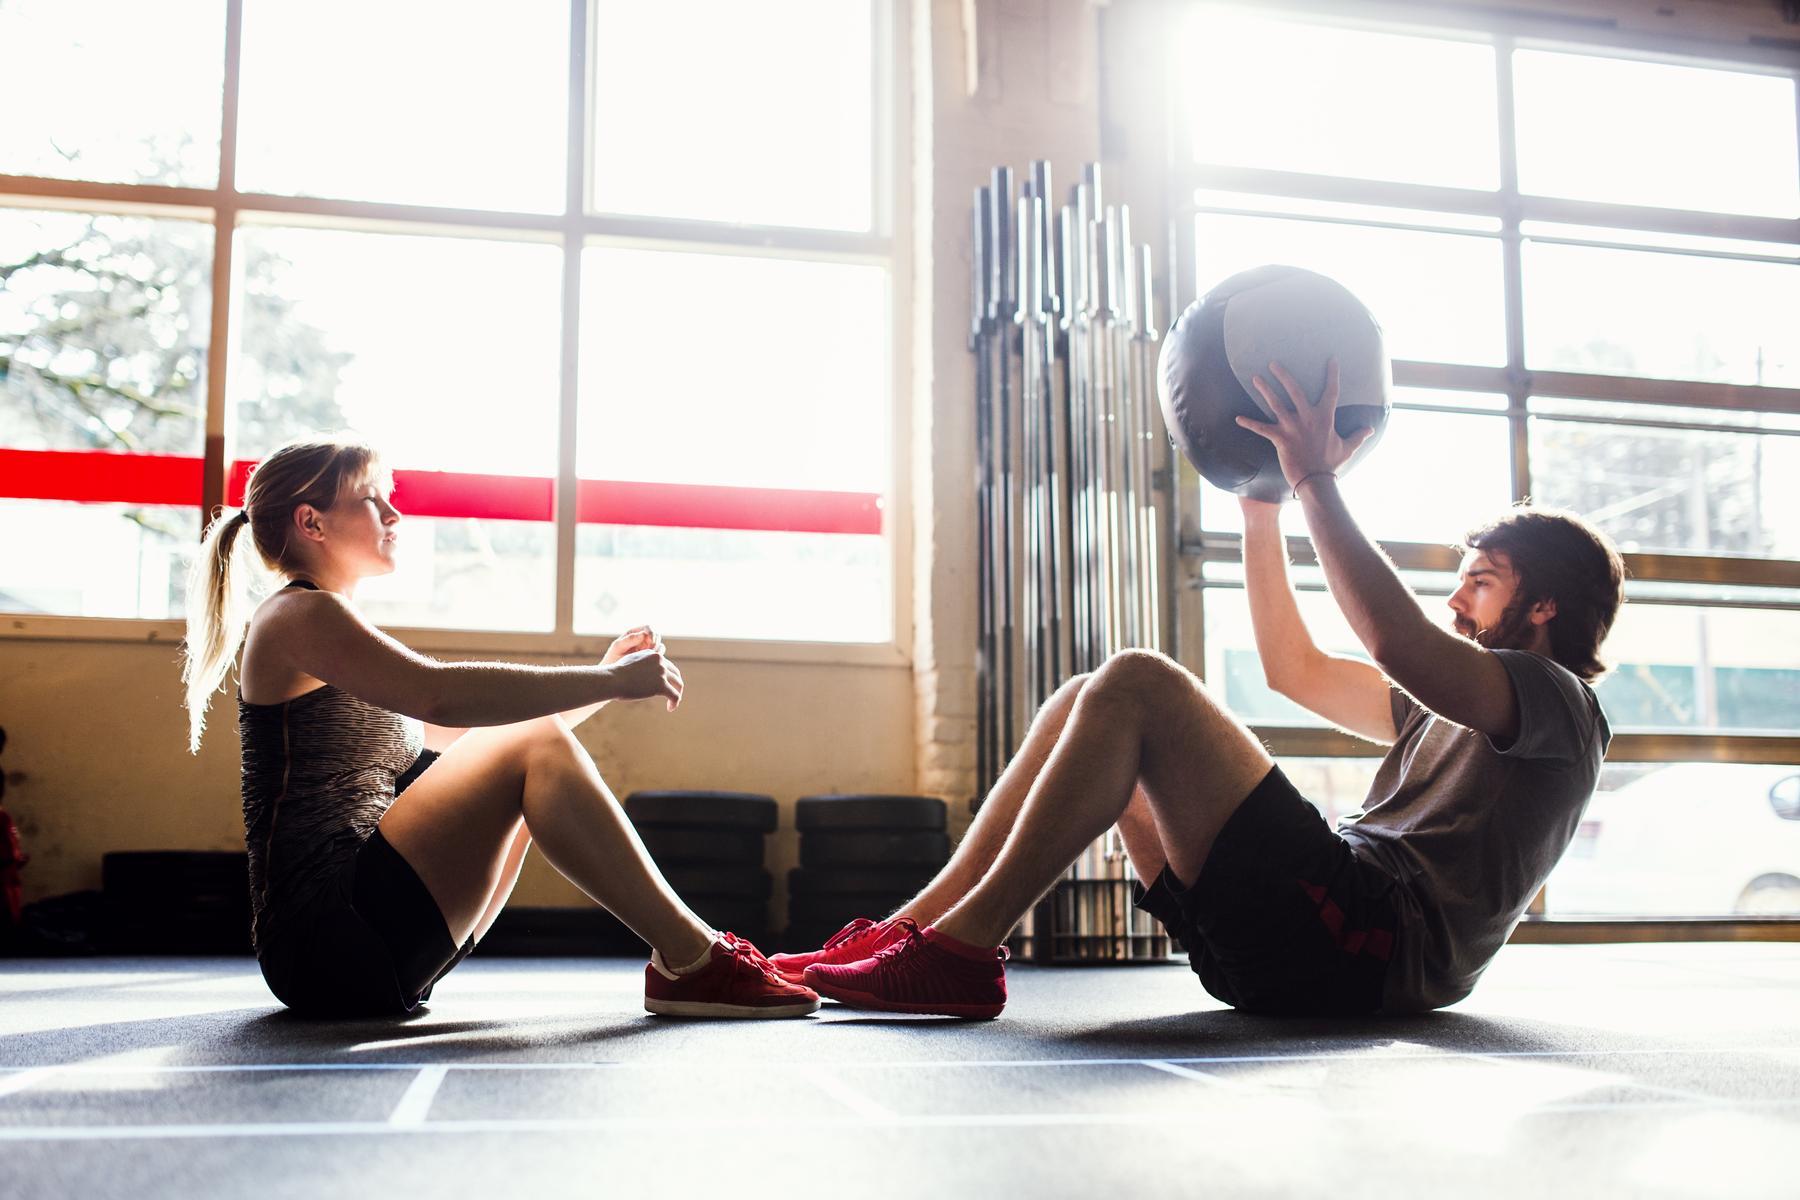 Cele mai bune 15 exerciții pentru abdomen pentru acasă sau sală